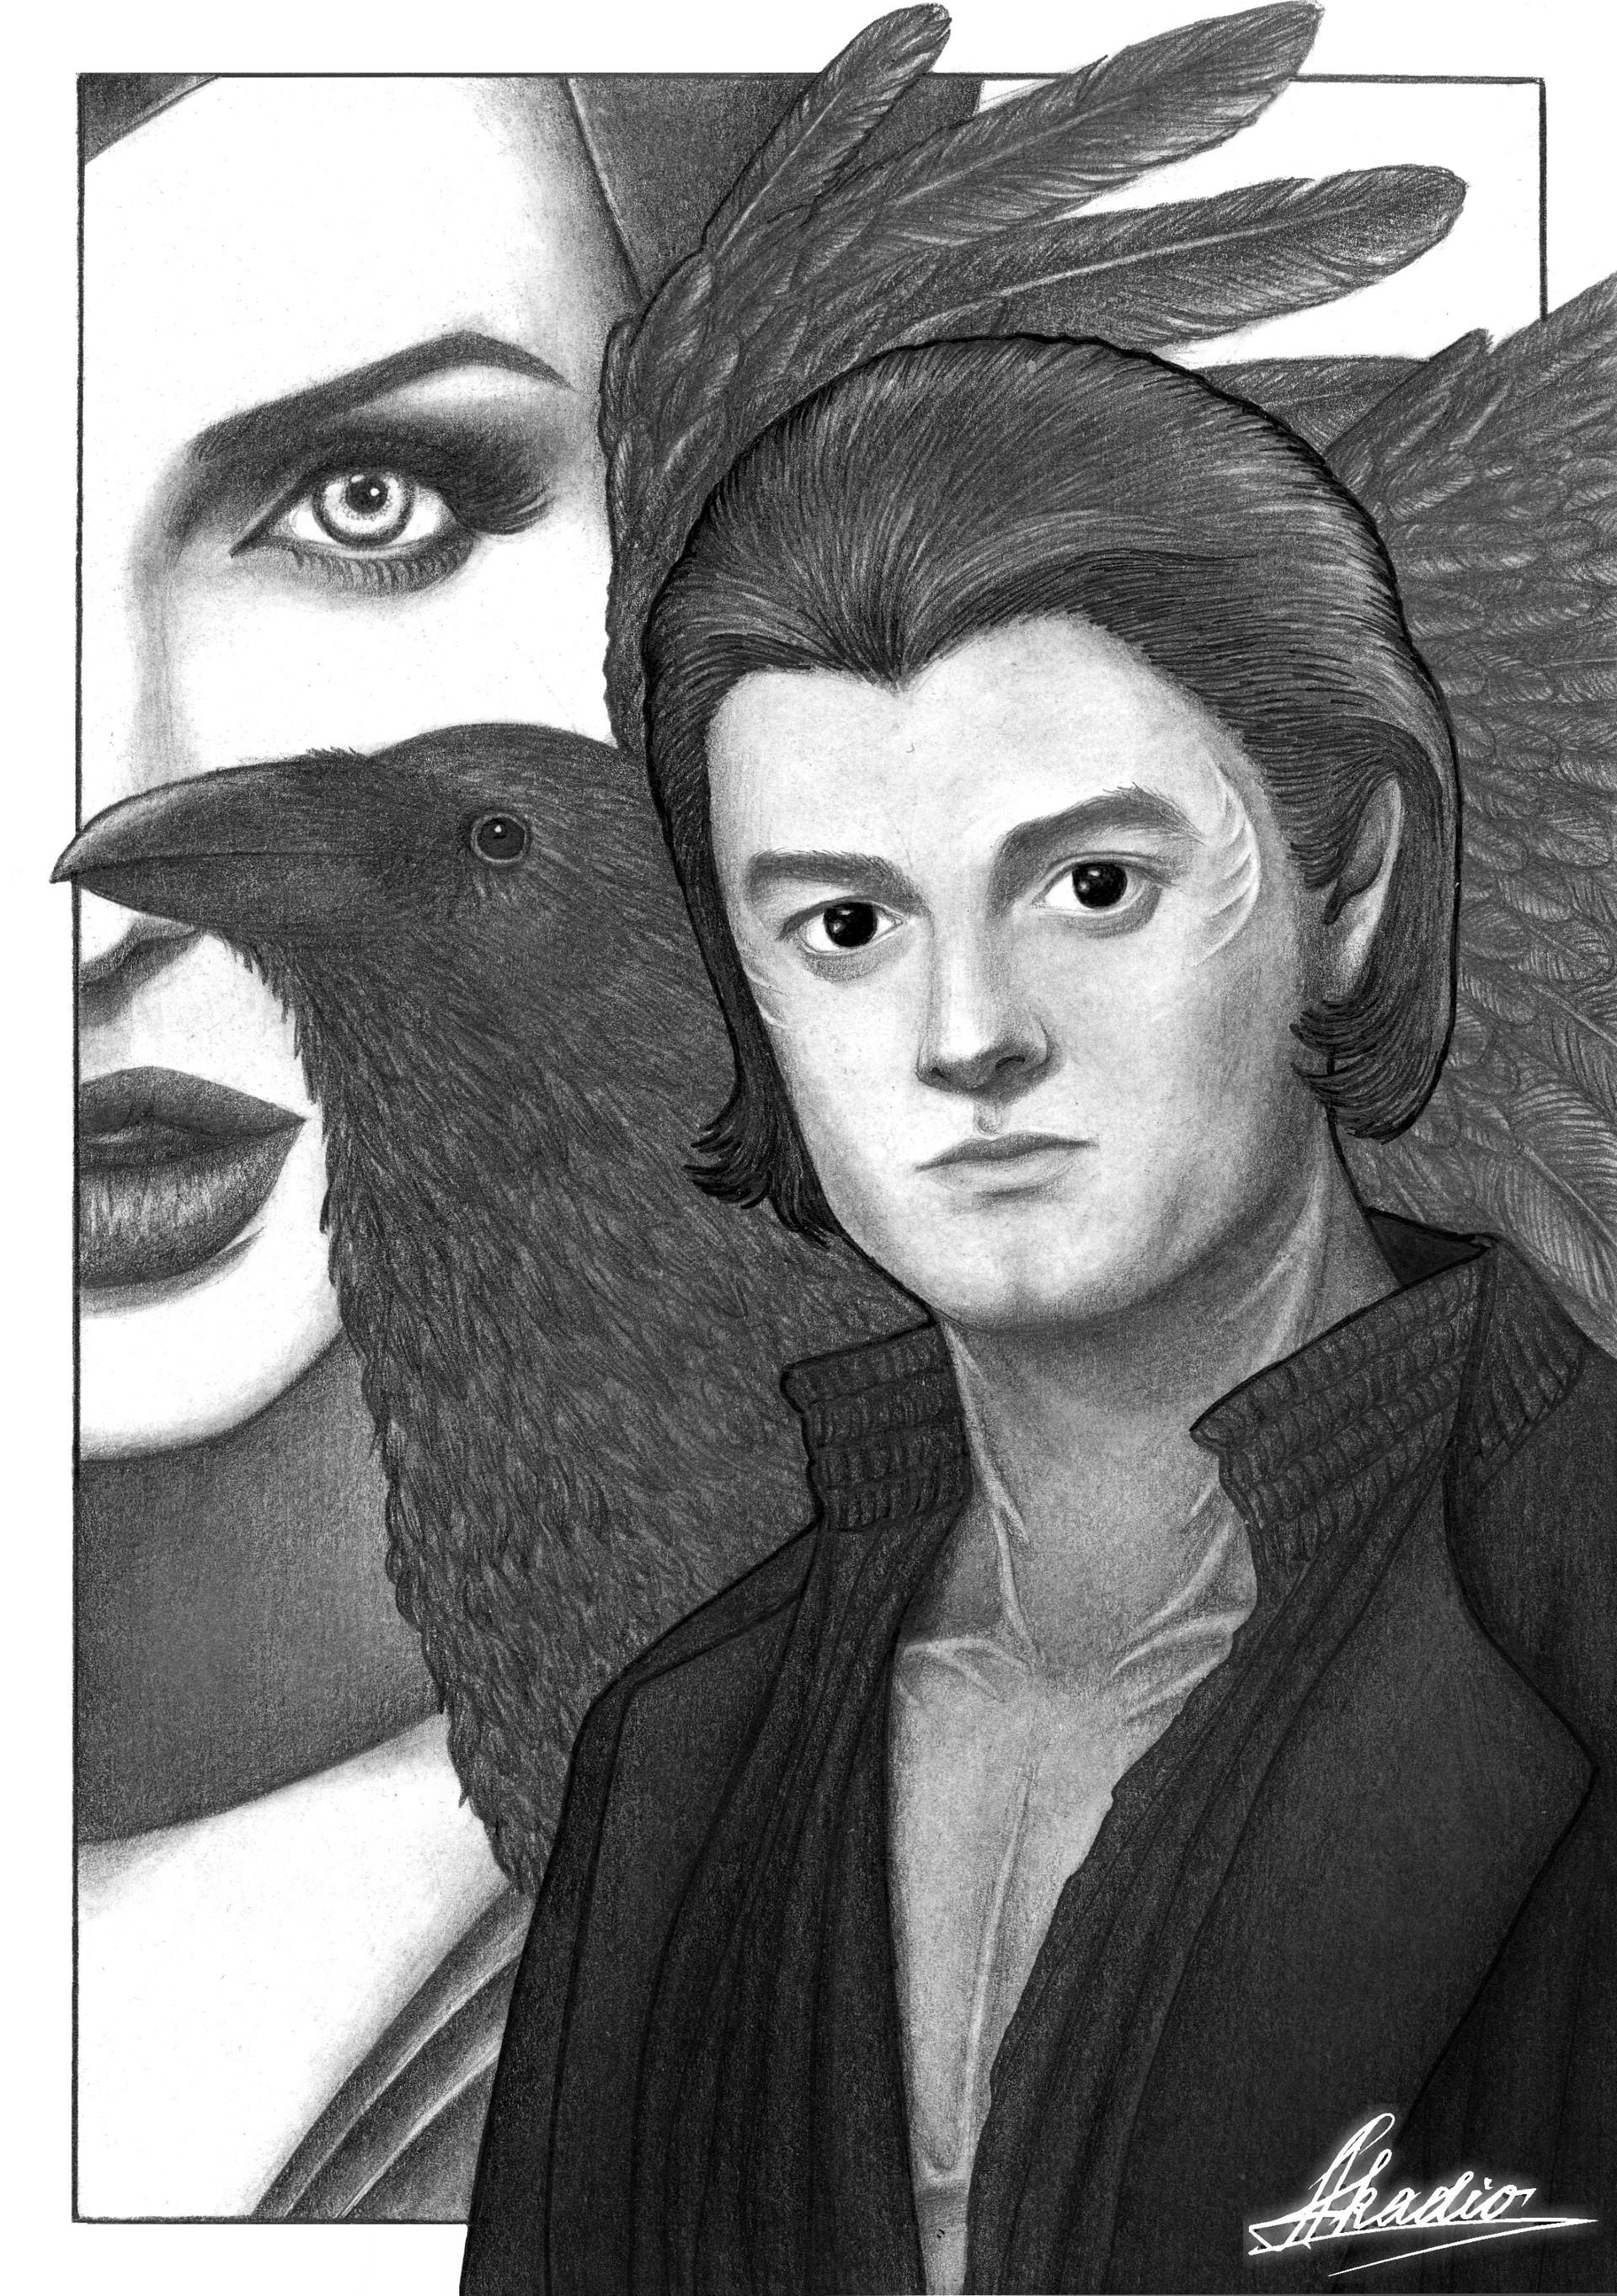 Artstation Personal Best Of Fan Works From 2014 Verielle